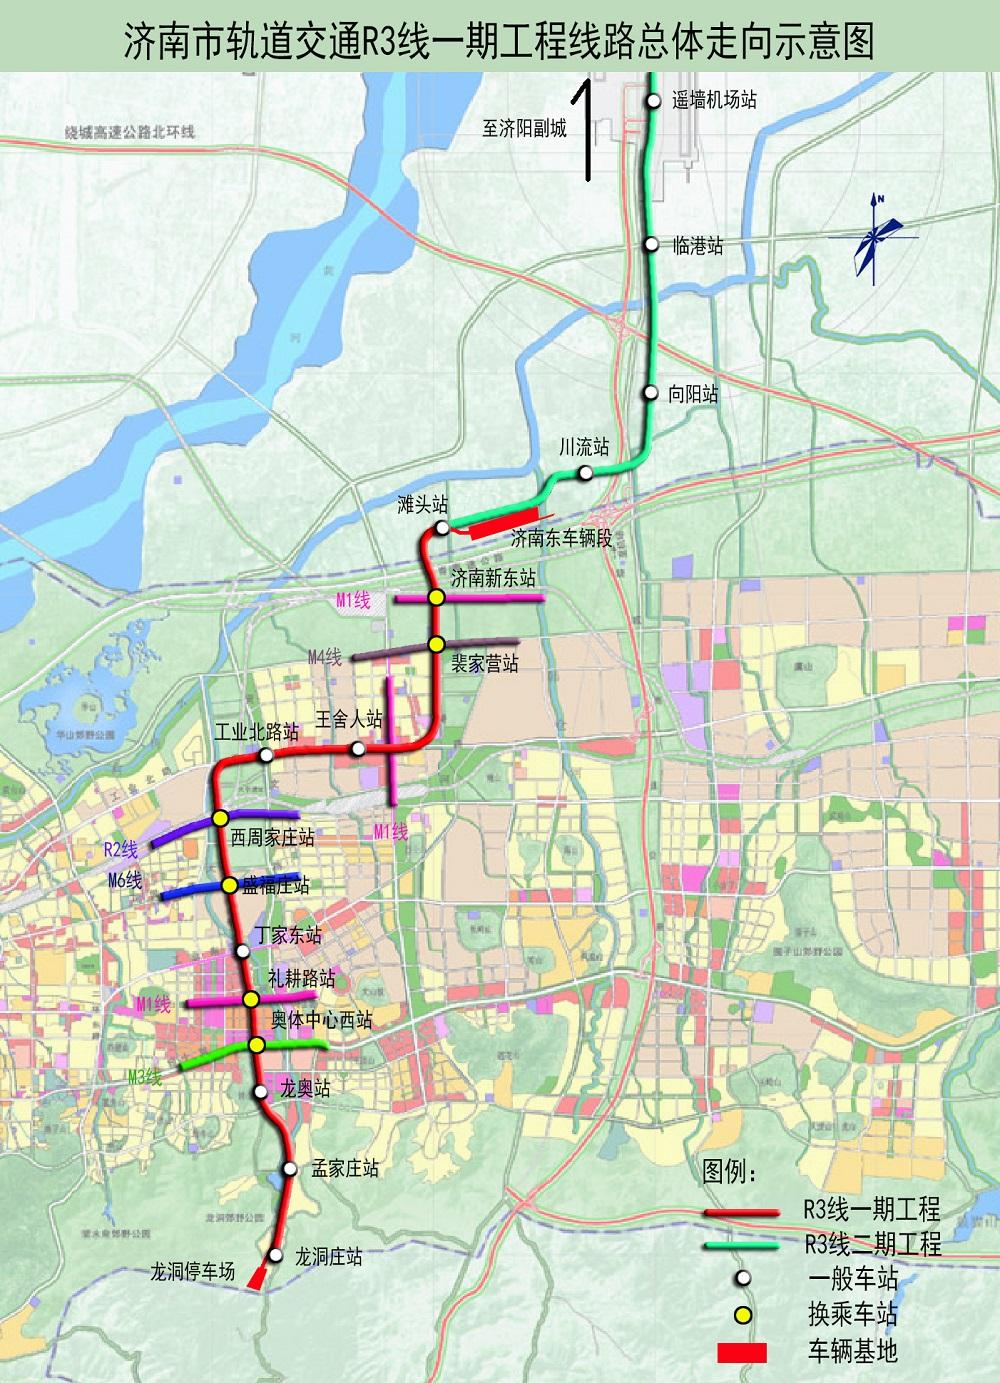 济南地铁最新规划图 R线 M线